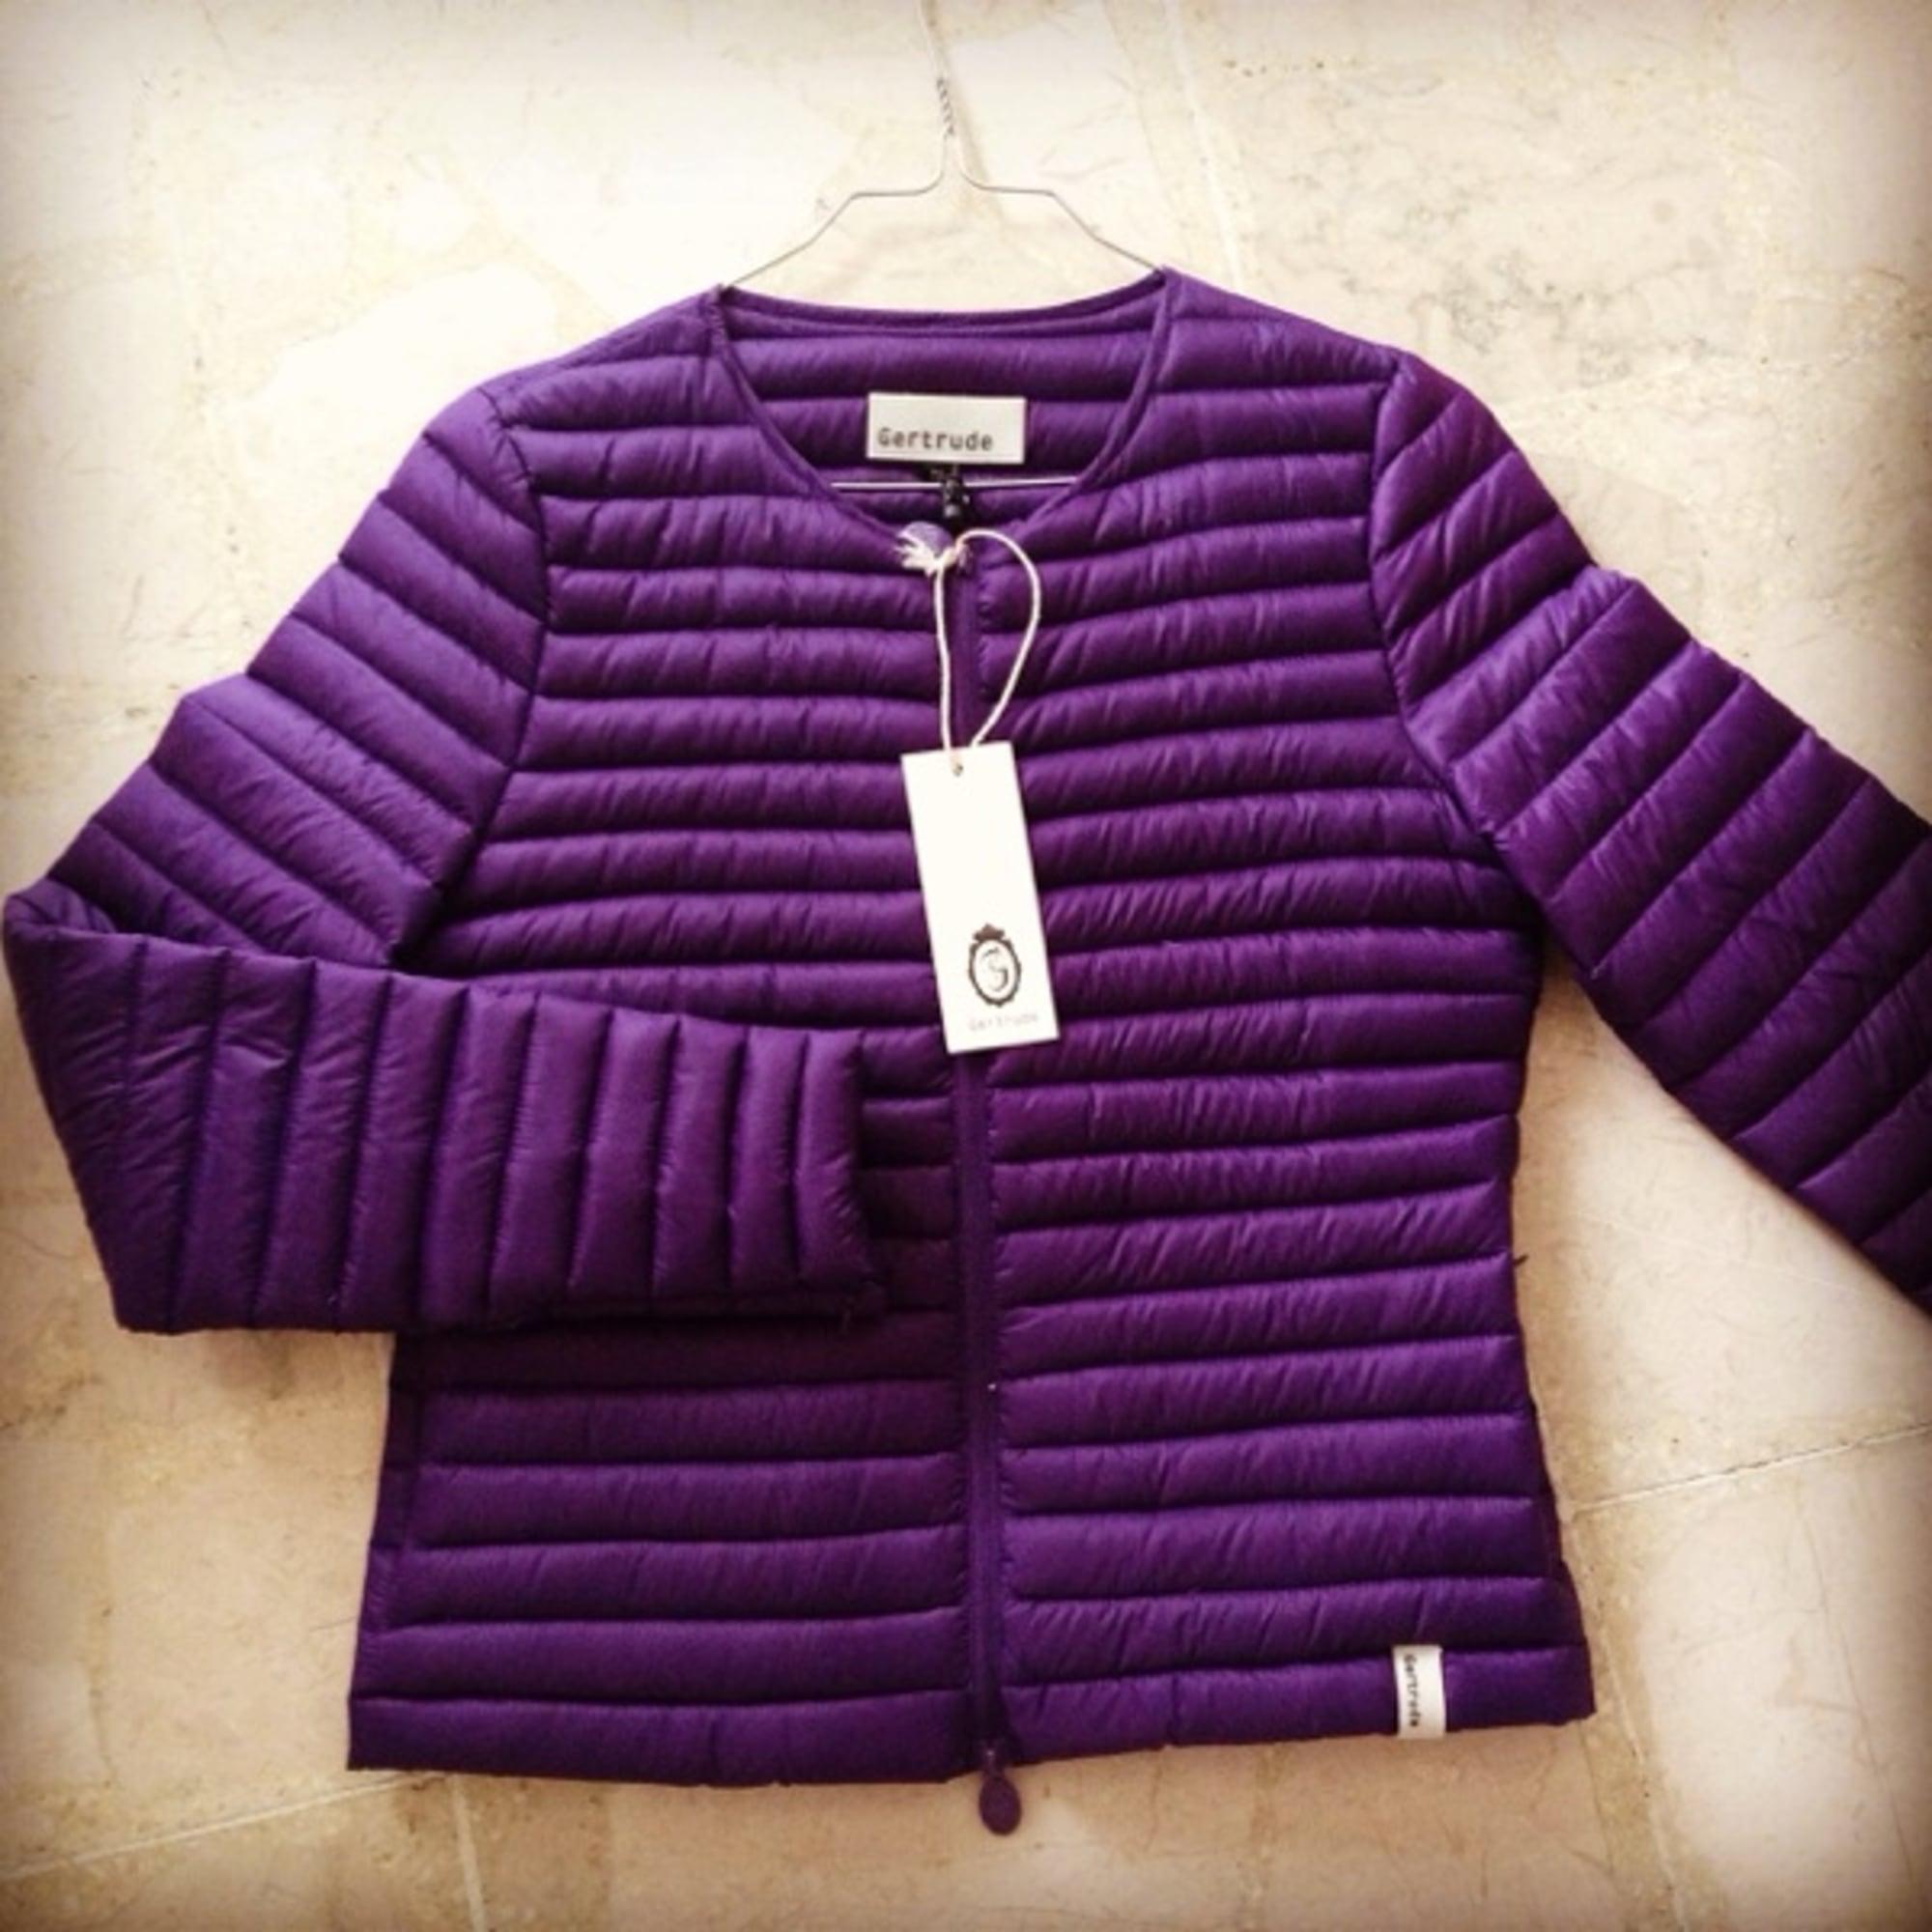 Doudoune GERTRUDE 34 (XS, T0) violet - 3032510 eb631eb029b9